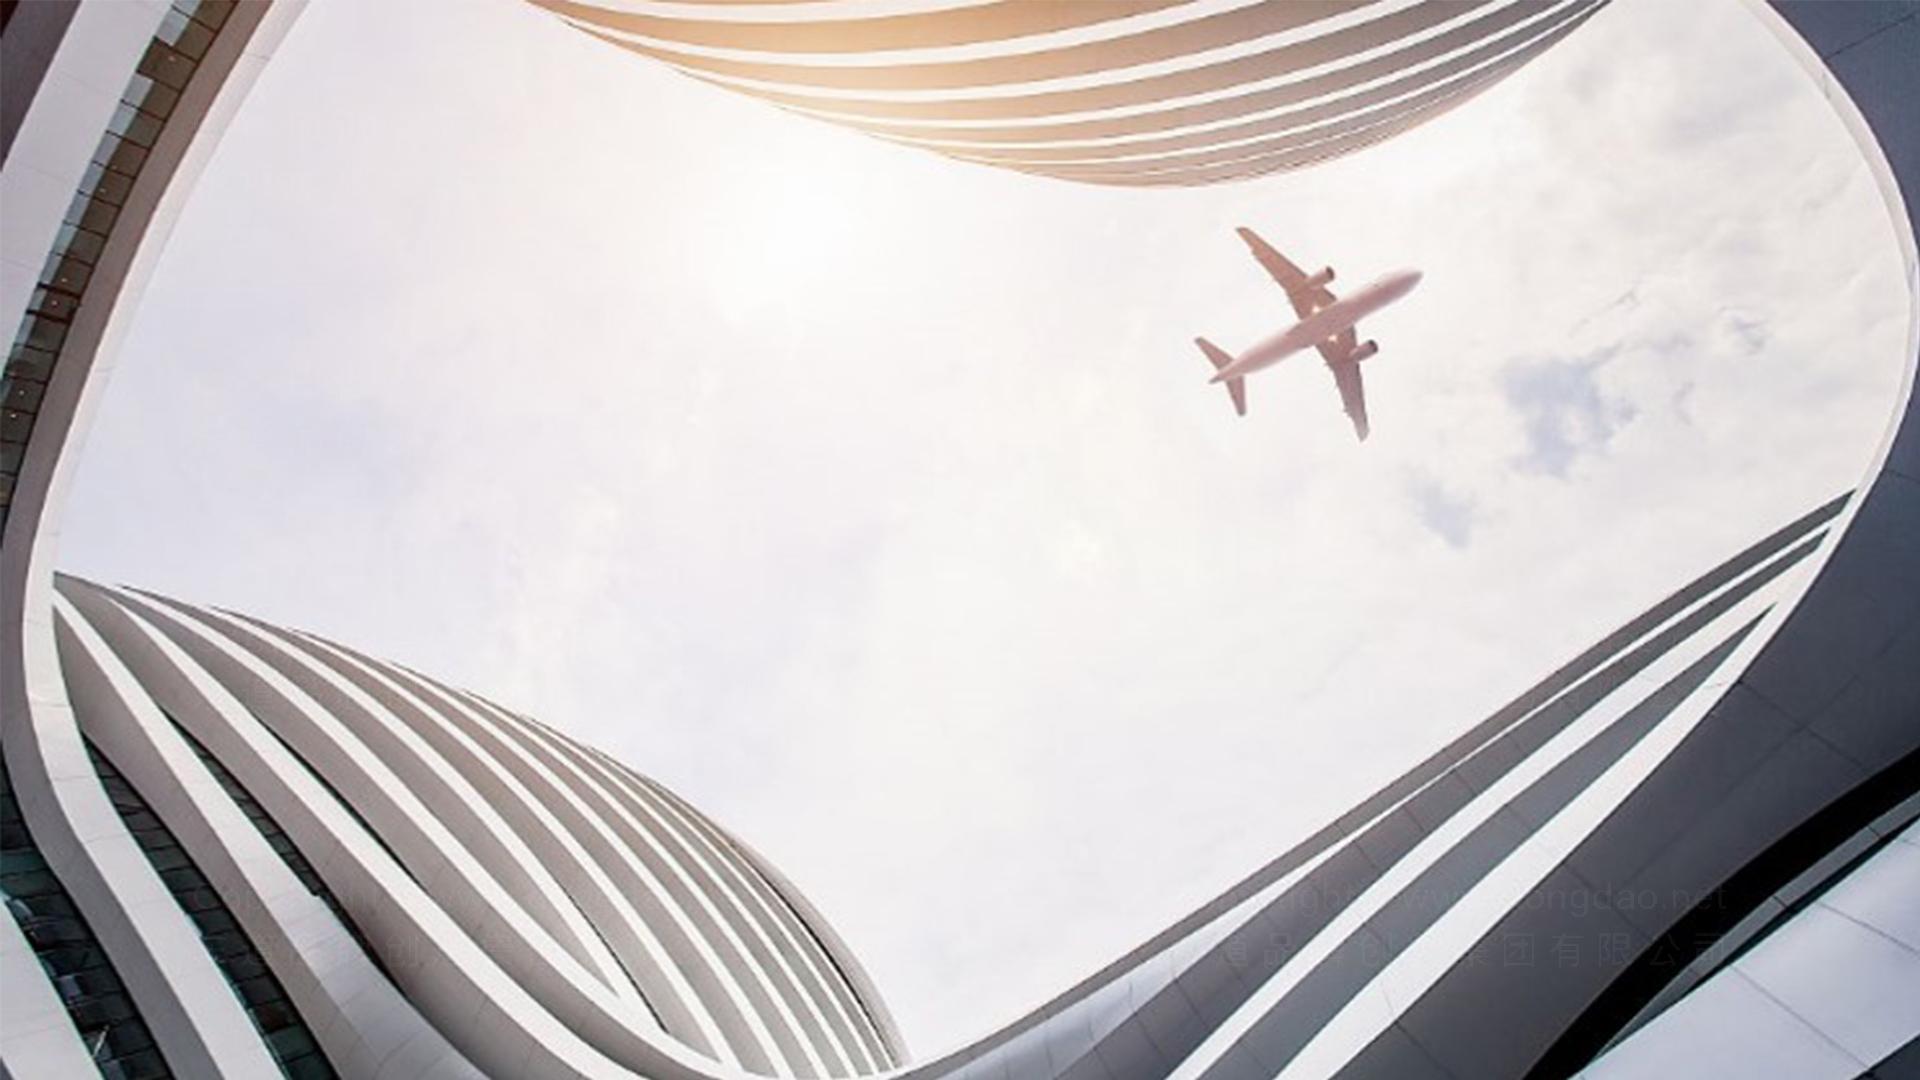 商业空间&导示案例南方航空南航上海浦东机场 S2 卫星听高端旅客休息室 SI